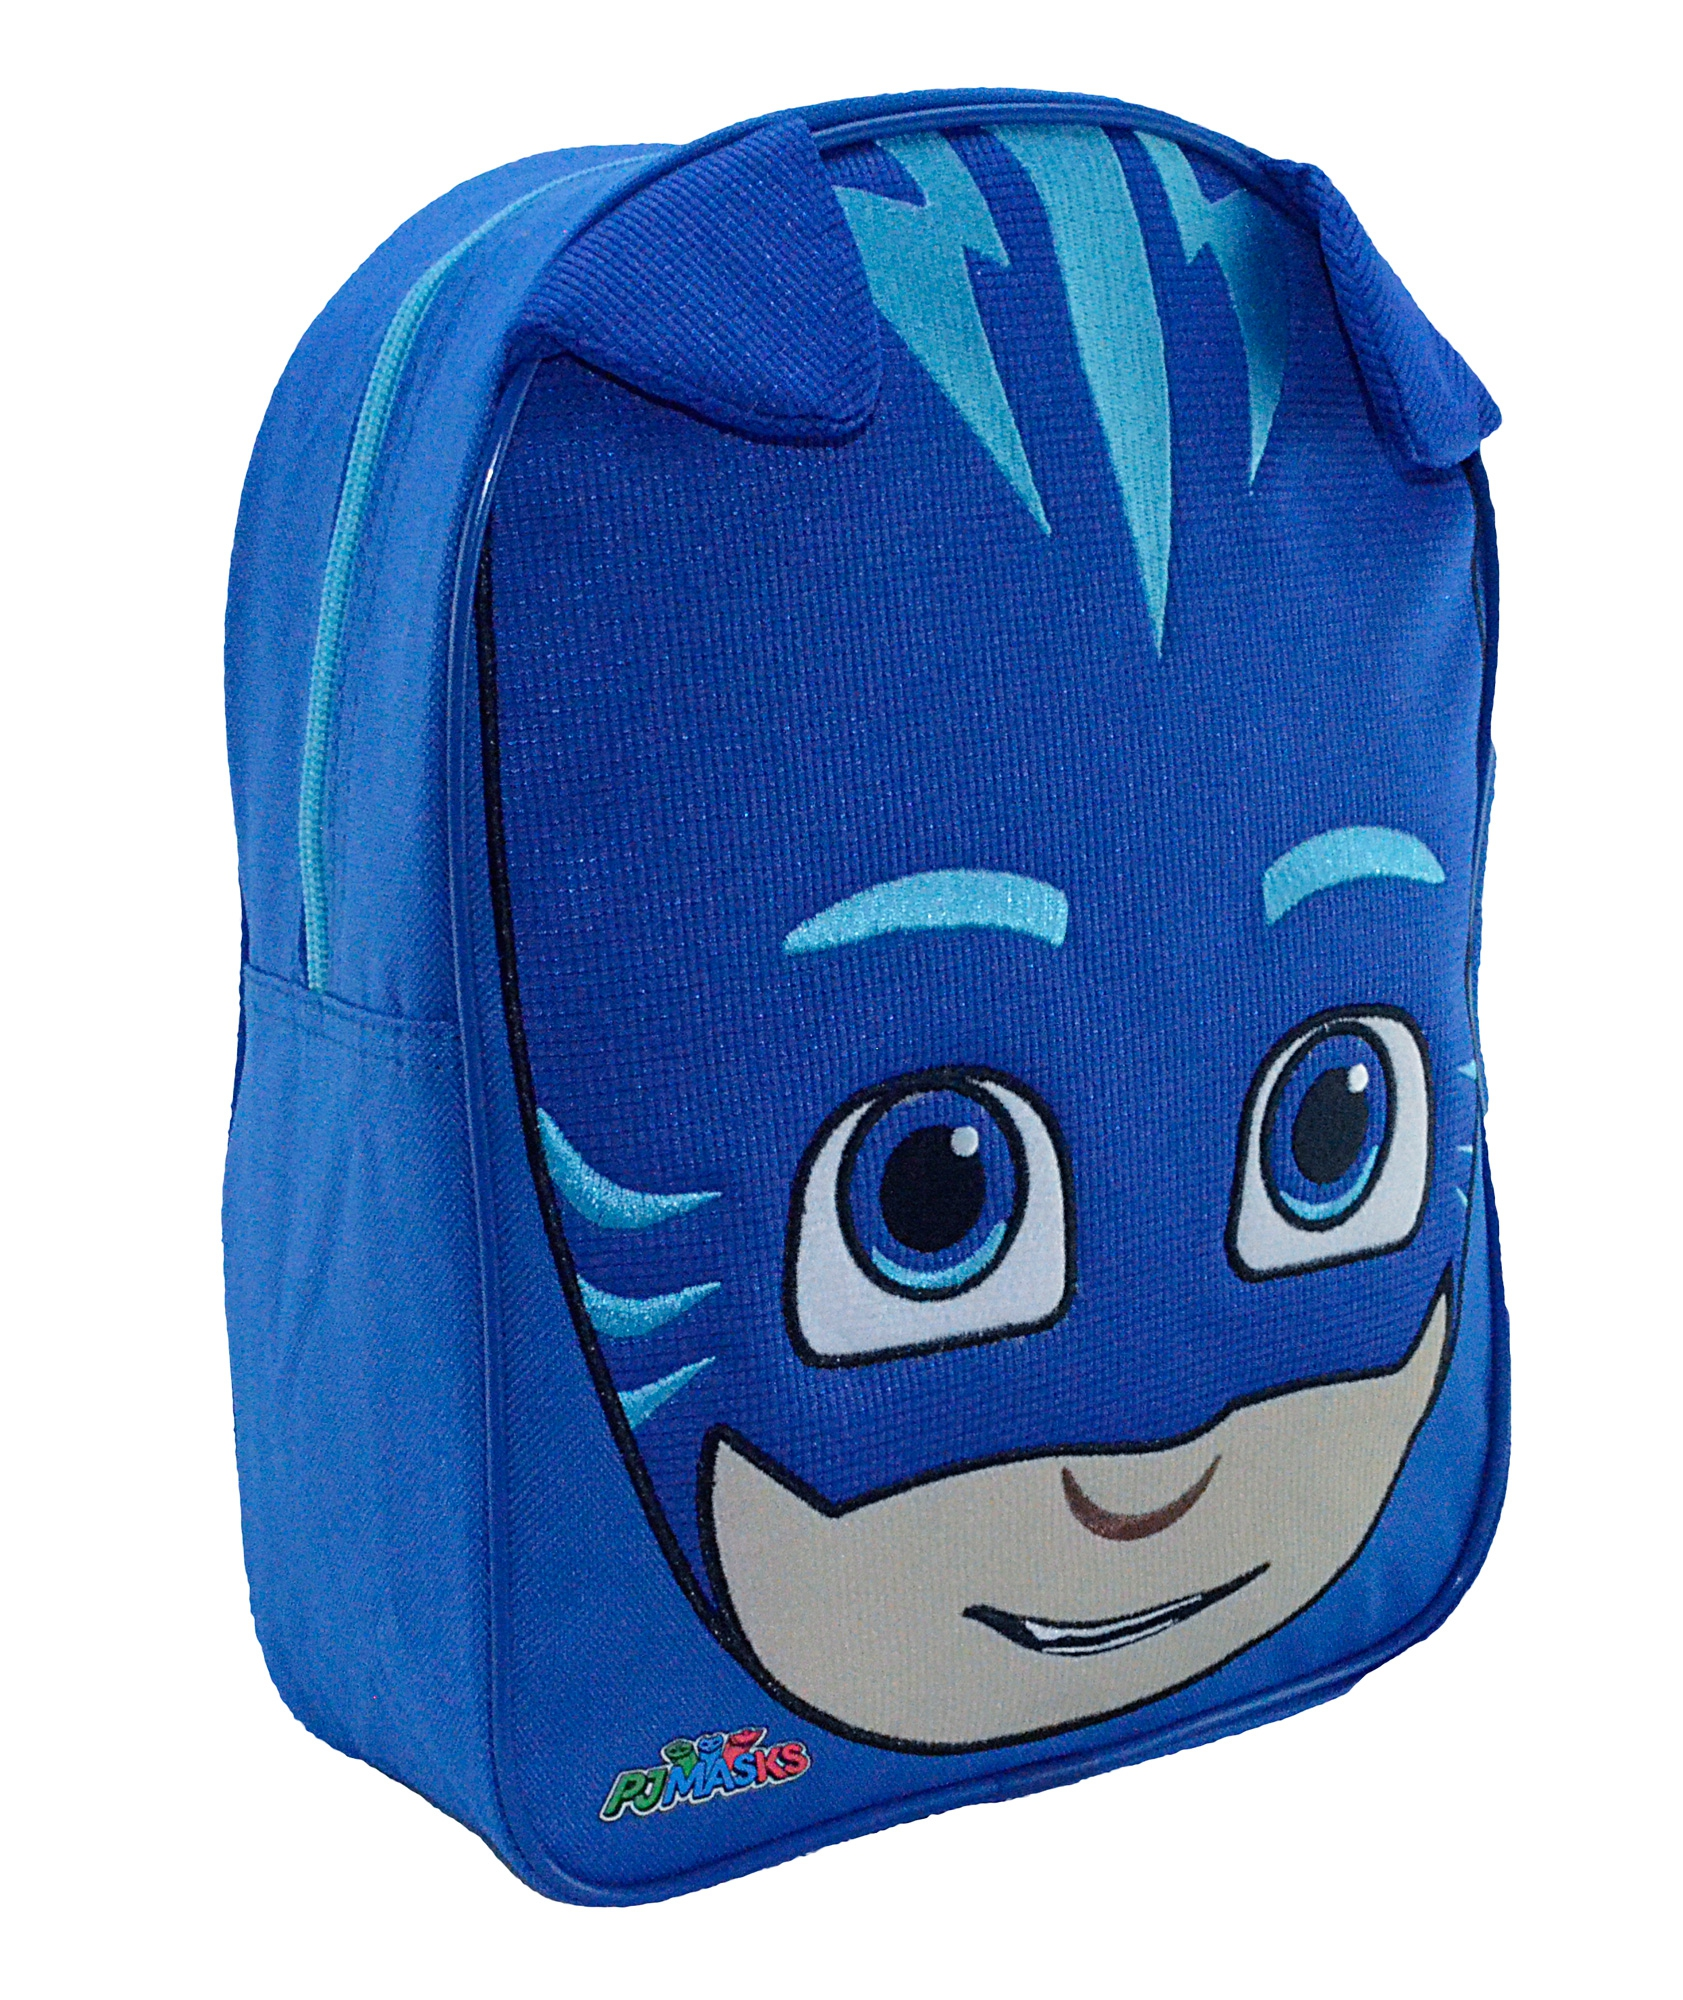 Pj Masks Catboy Novelity School Bag Rucksack Backpack